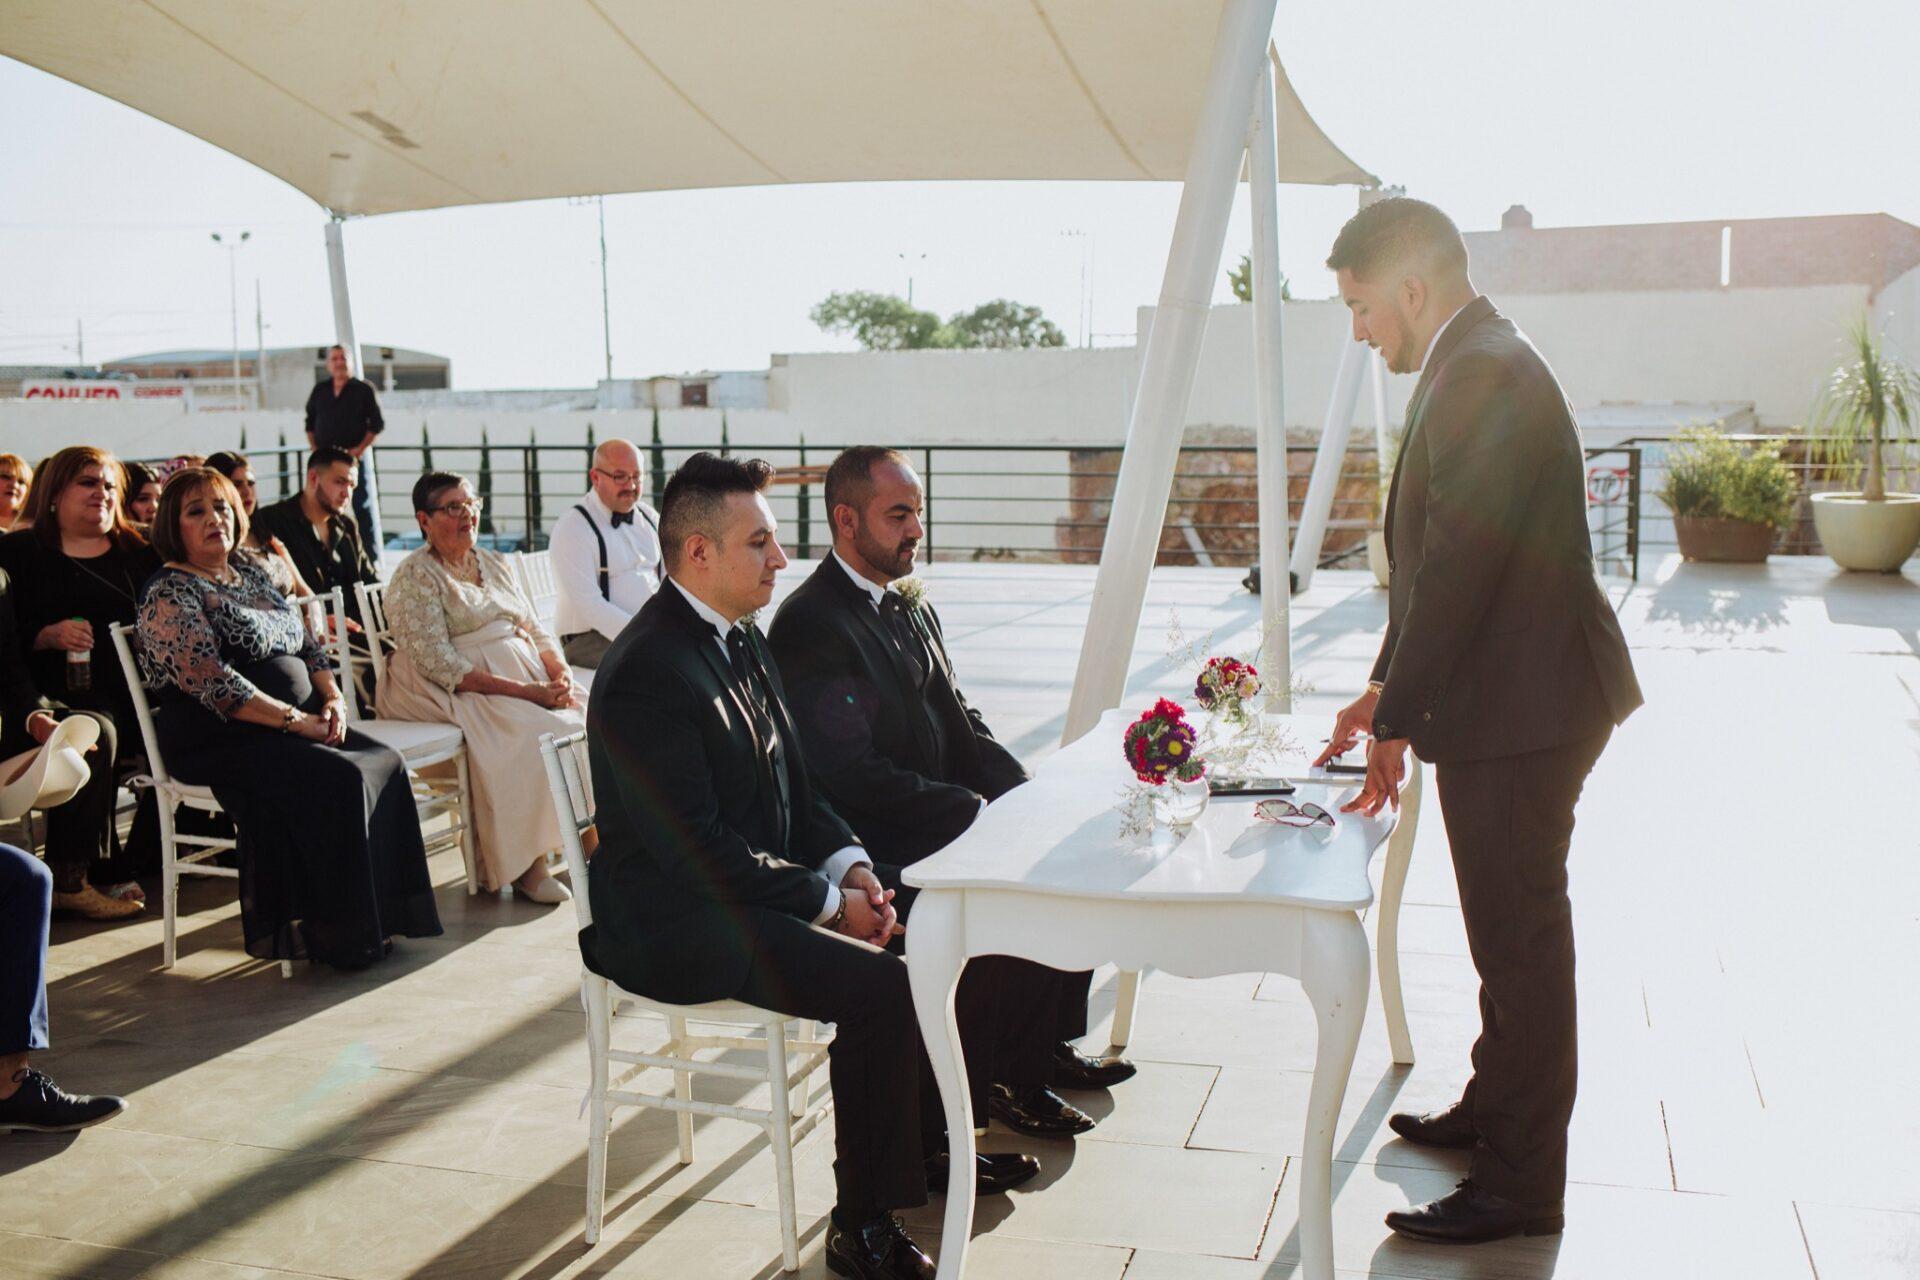 javier_noriega_fotografo_bodas_alicia_garden_zacatecas_wedding_photographer12